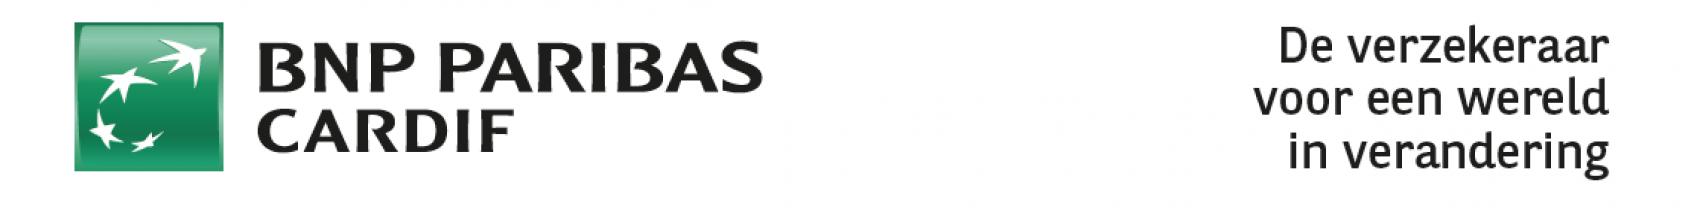 adv03 - advertentie opmaak met losse onderdelen - header met logo